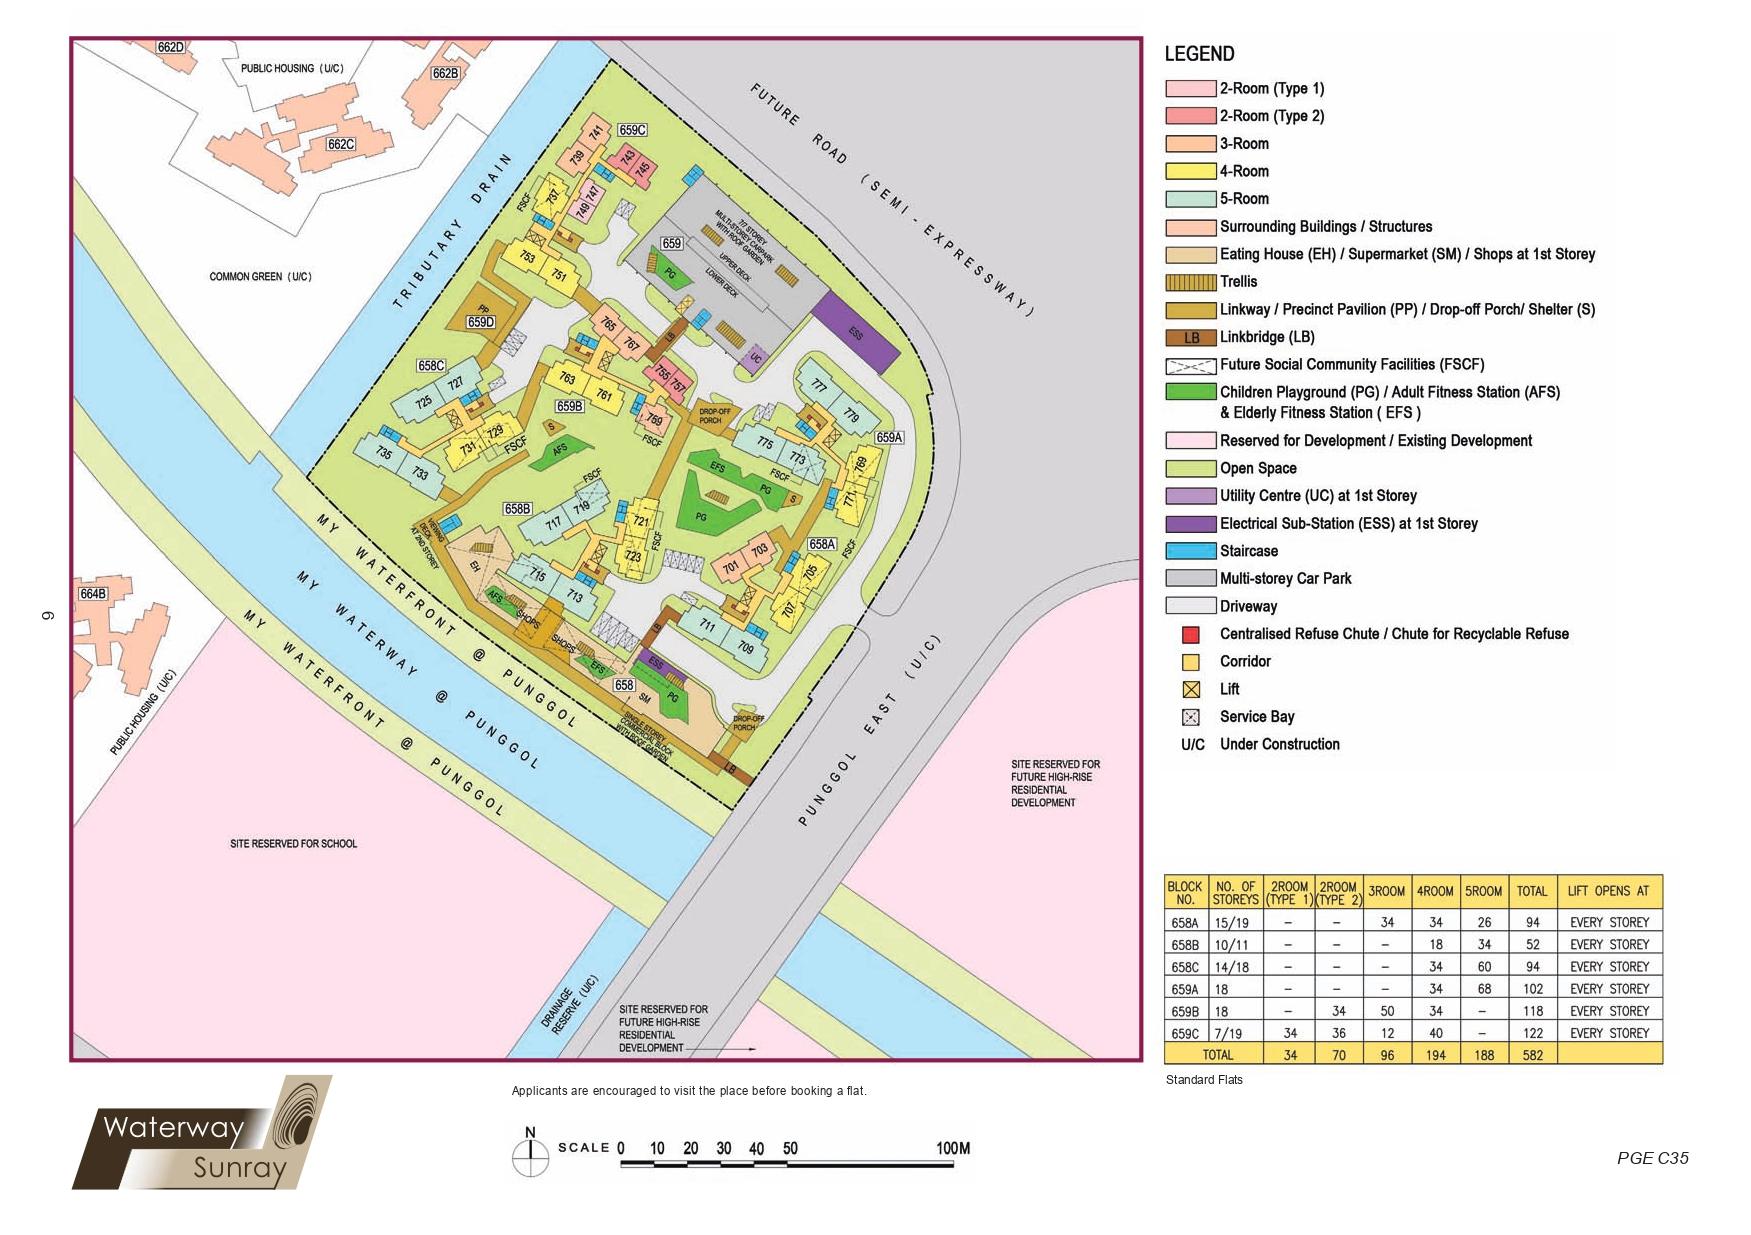 Waterway Sunray Site Plan